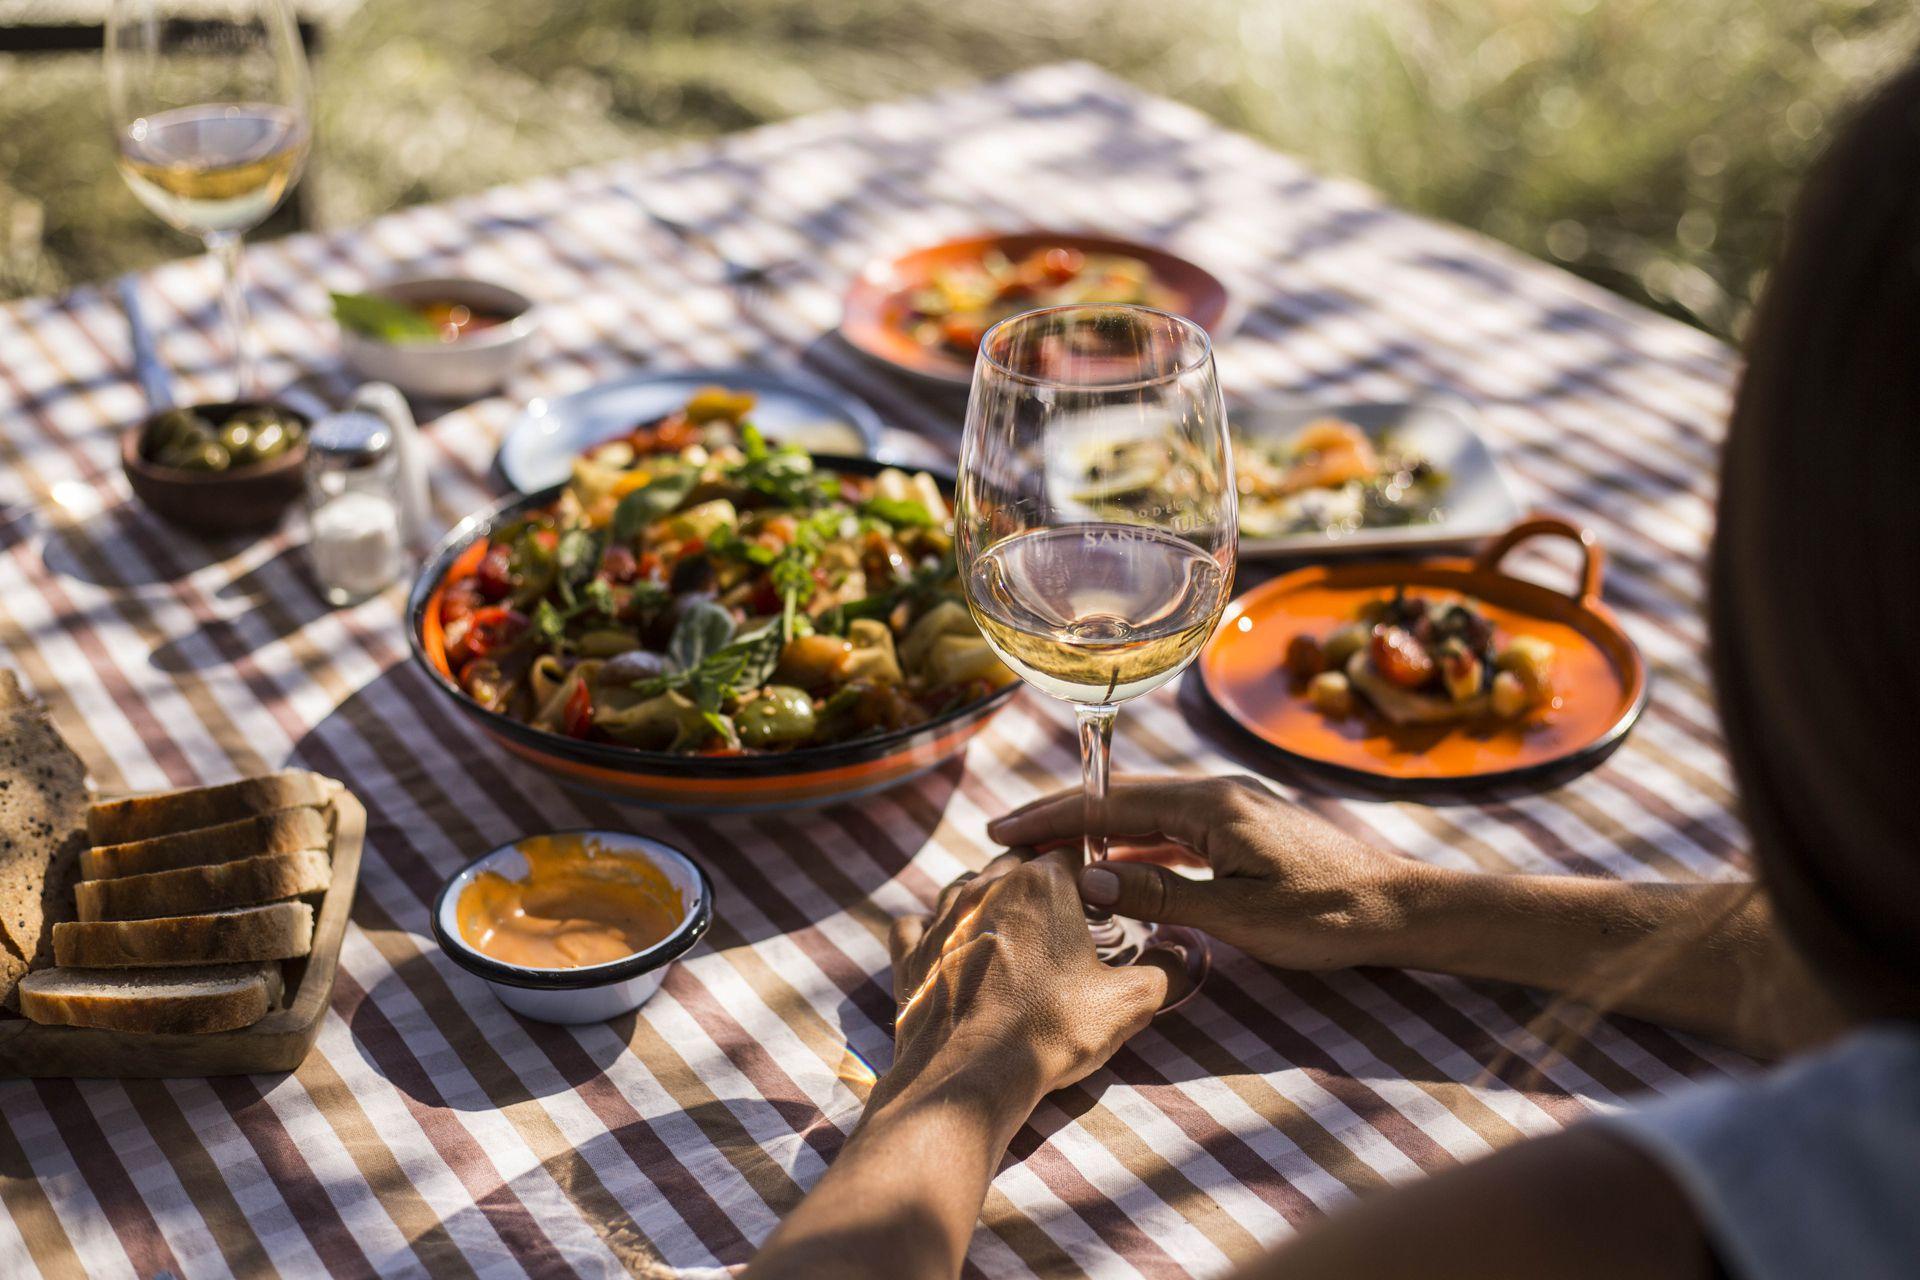 Julia Zuccardi rompió las estructuras cuando ideó en 2012 el espacio gourmet Pan y Oliva en la bodega que lleva su nombre, sin apelar al menú de pasos, ni al maridaje.